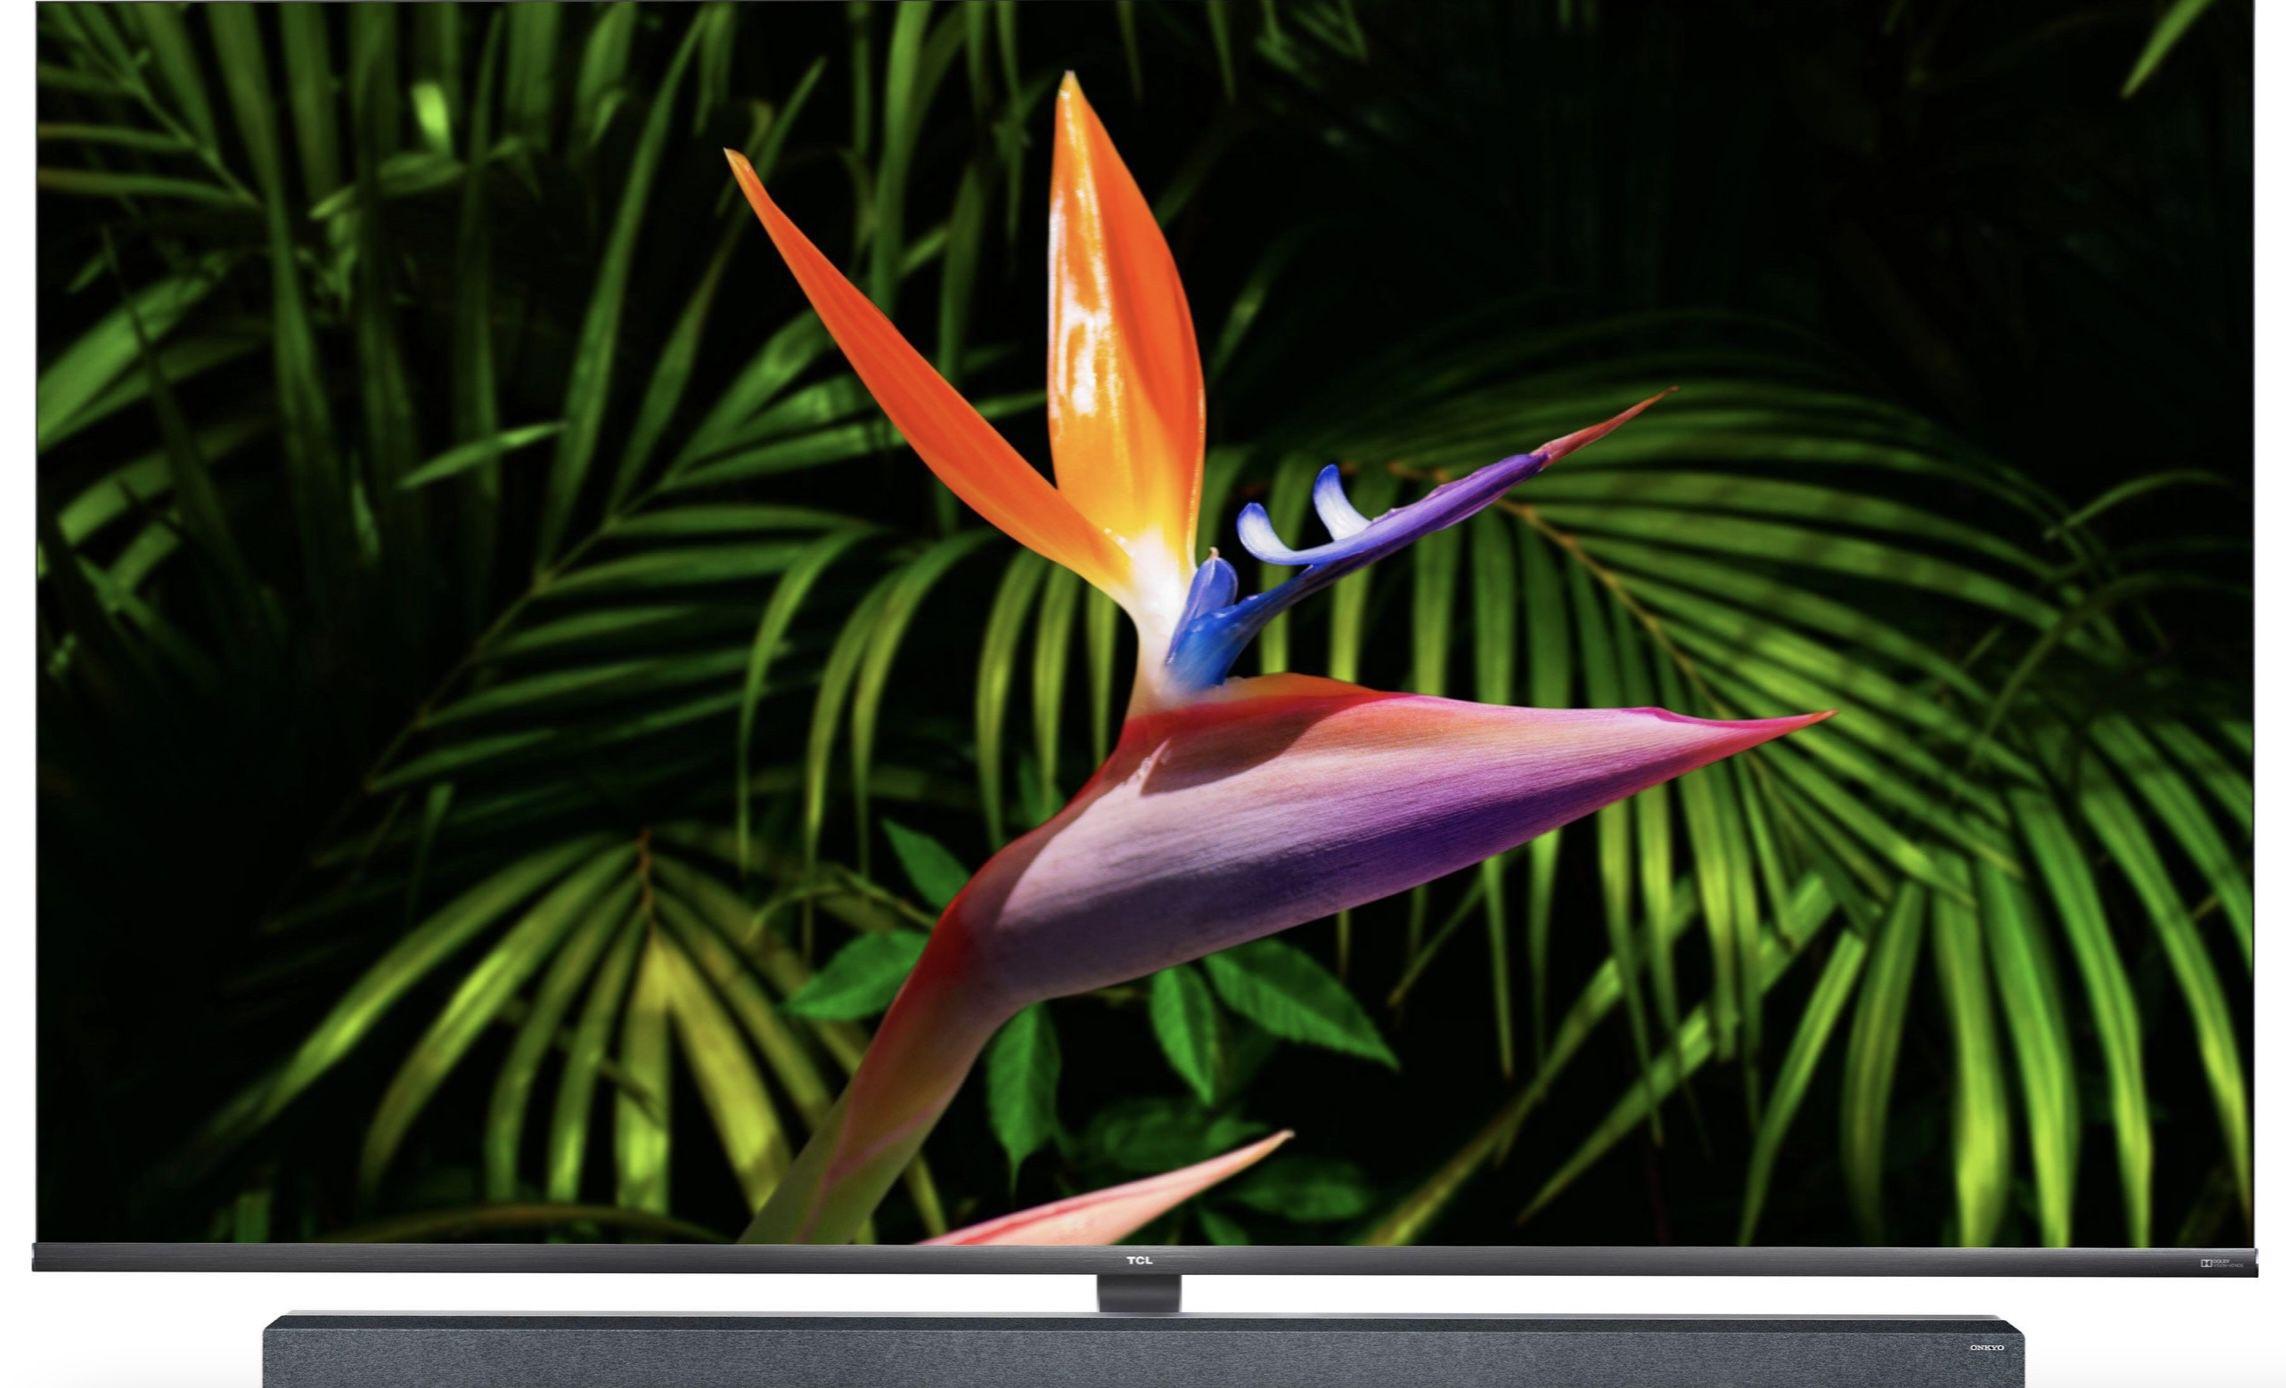 TCL 65X10X1   65 Zoll UHD Fernseher, mit Smart TV, Android 9.0 Betriebssystem & AndroidTV Sprachfernbedienung für 997€ (statt 1.297€)